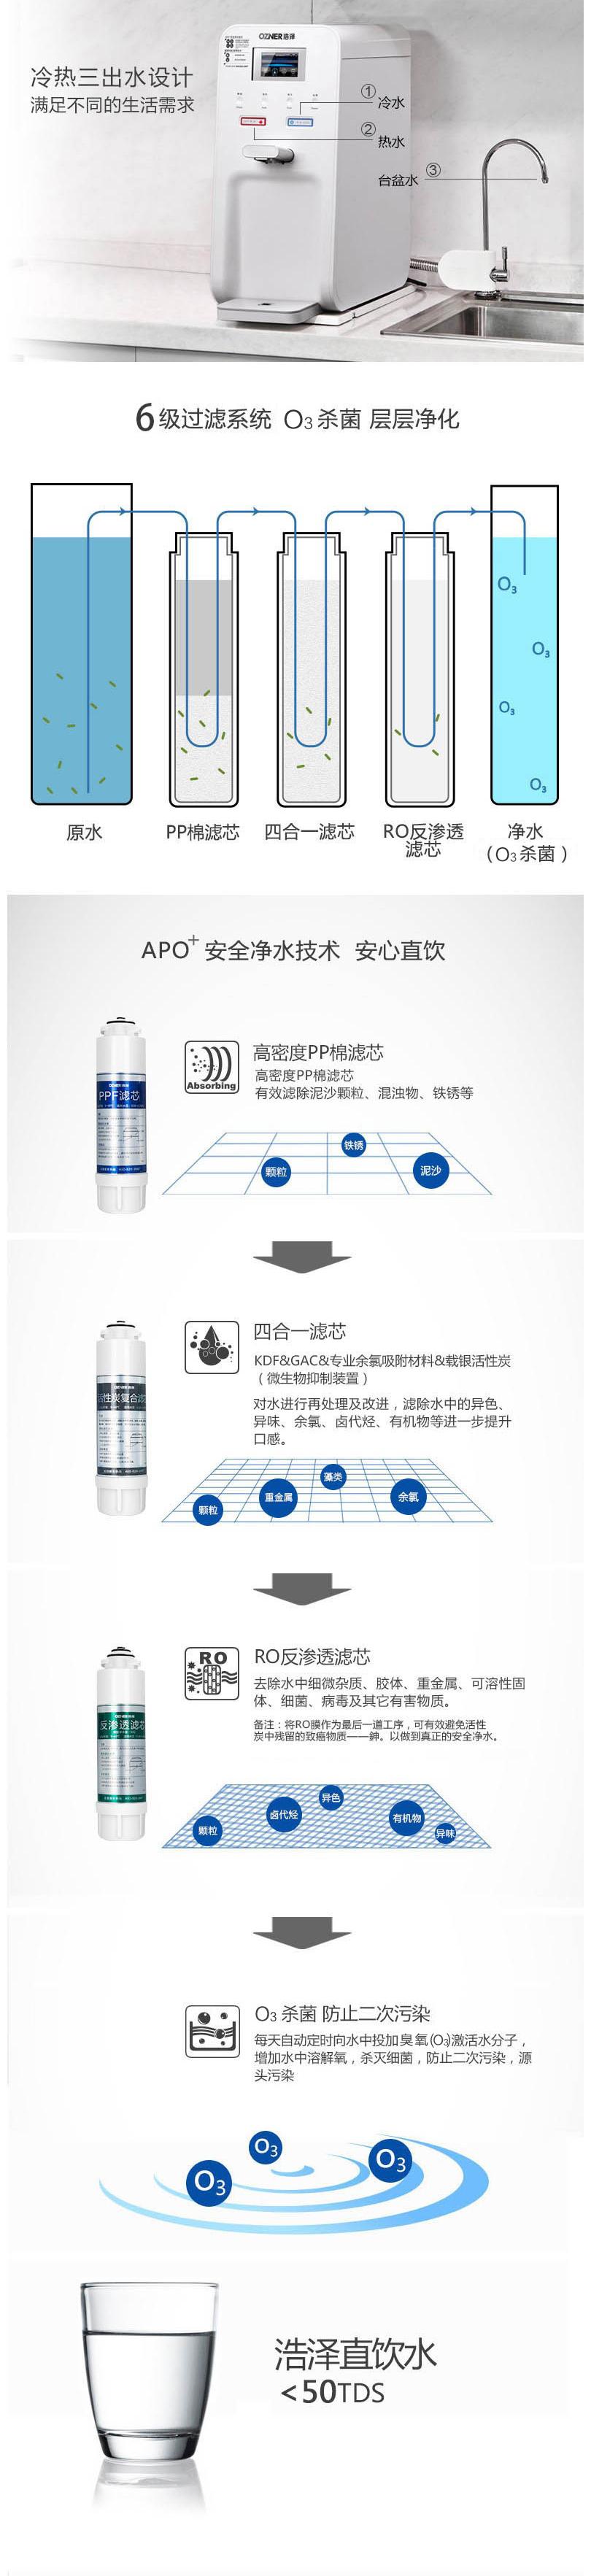 净水器图片功能图-2